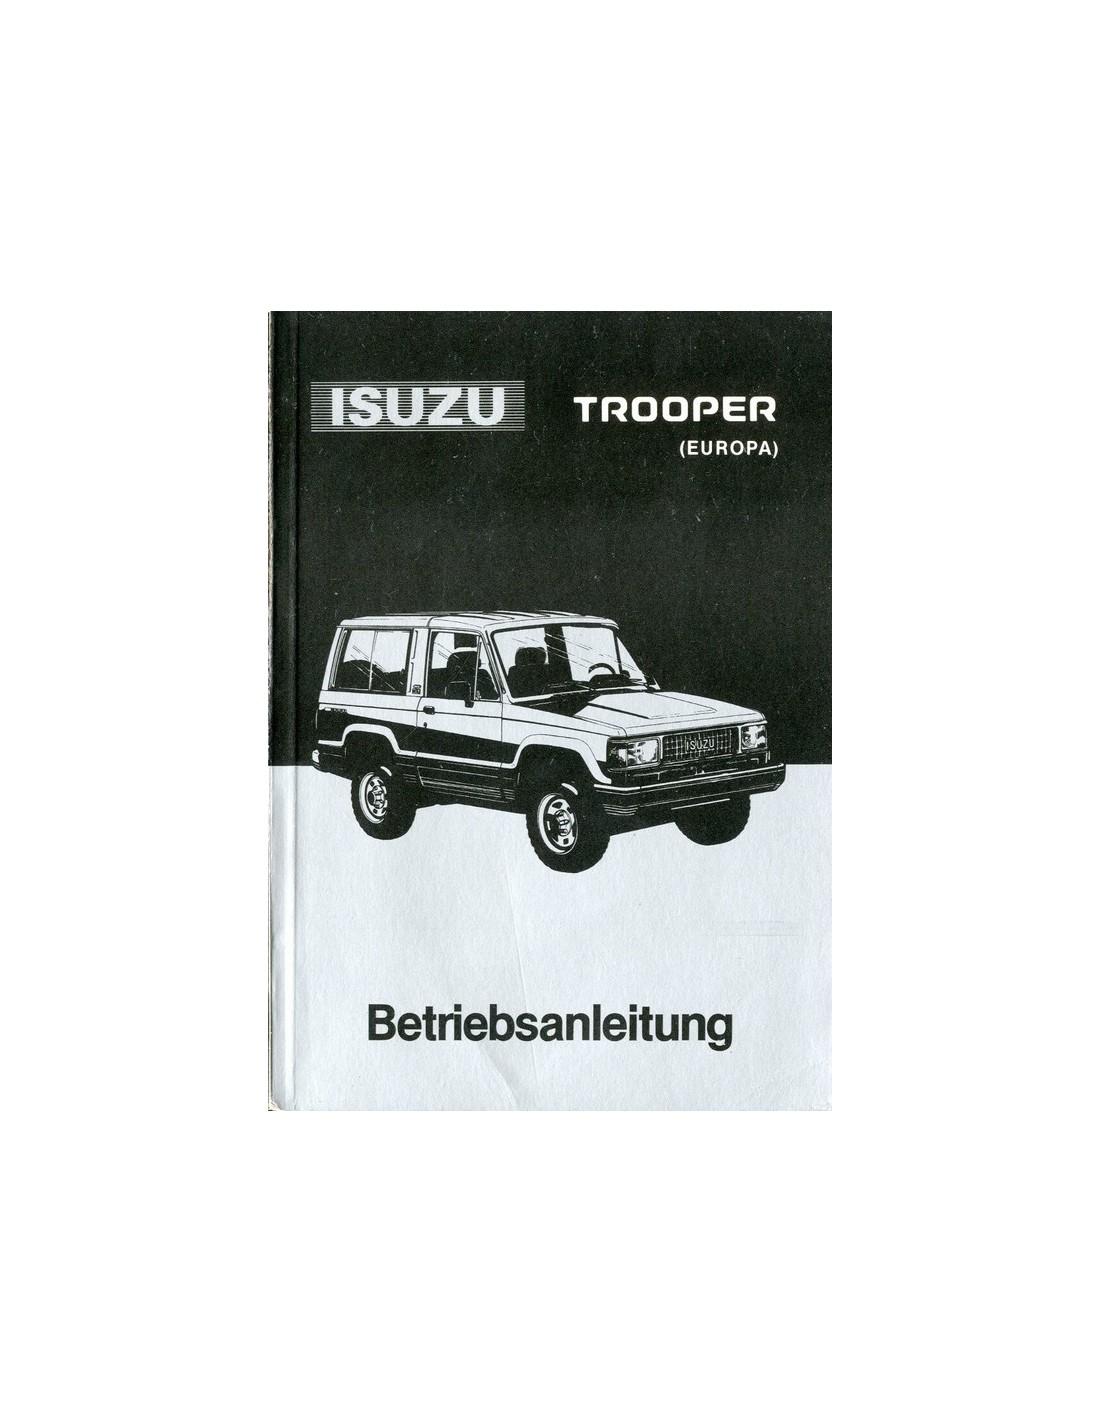 1990 isuzu trooper owner s manual german rh autolit eu isuzu trooper user manual isuzu trooper service manual pdf